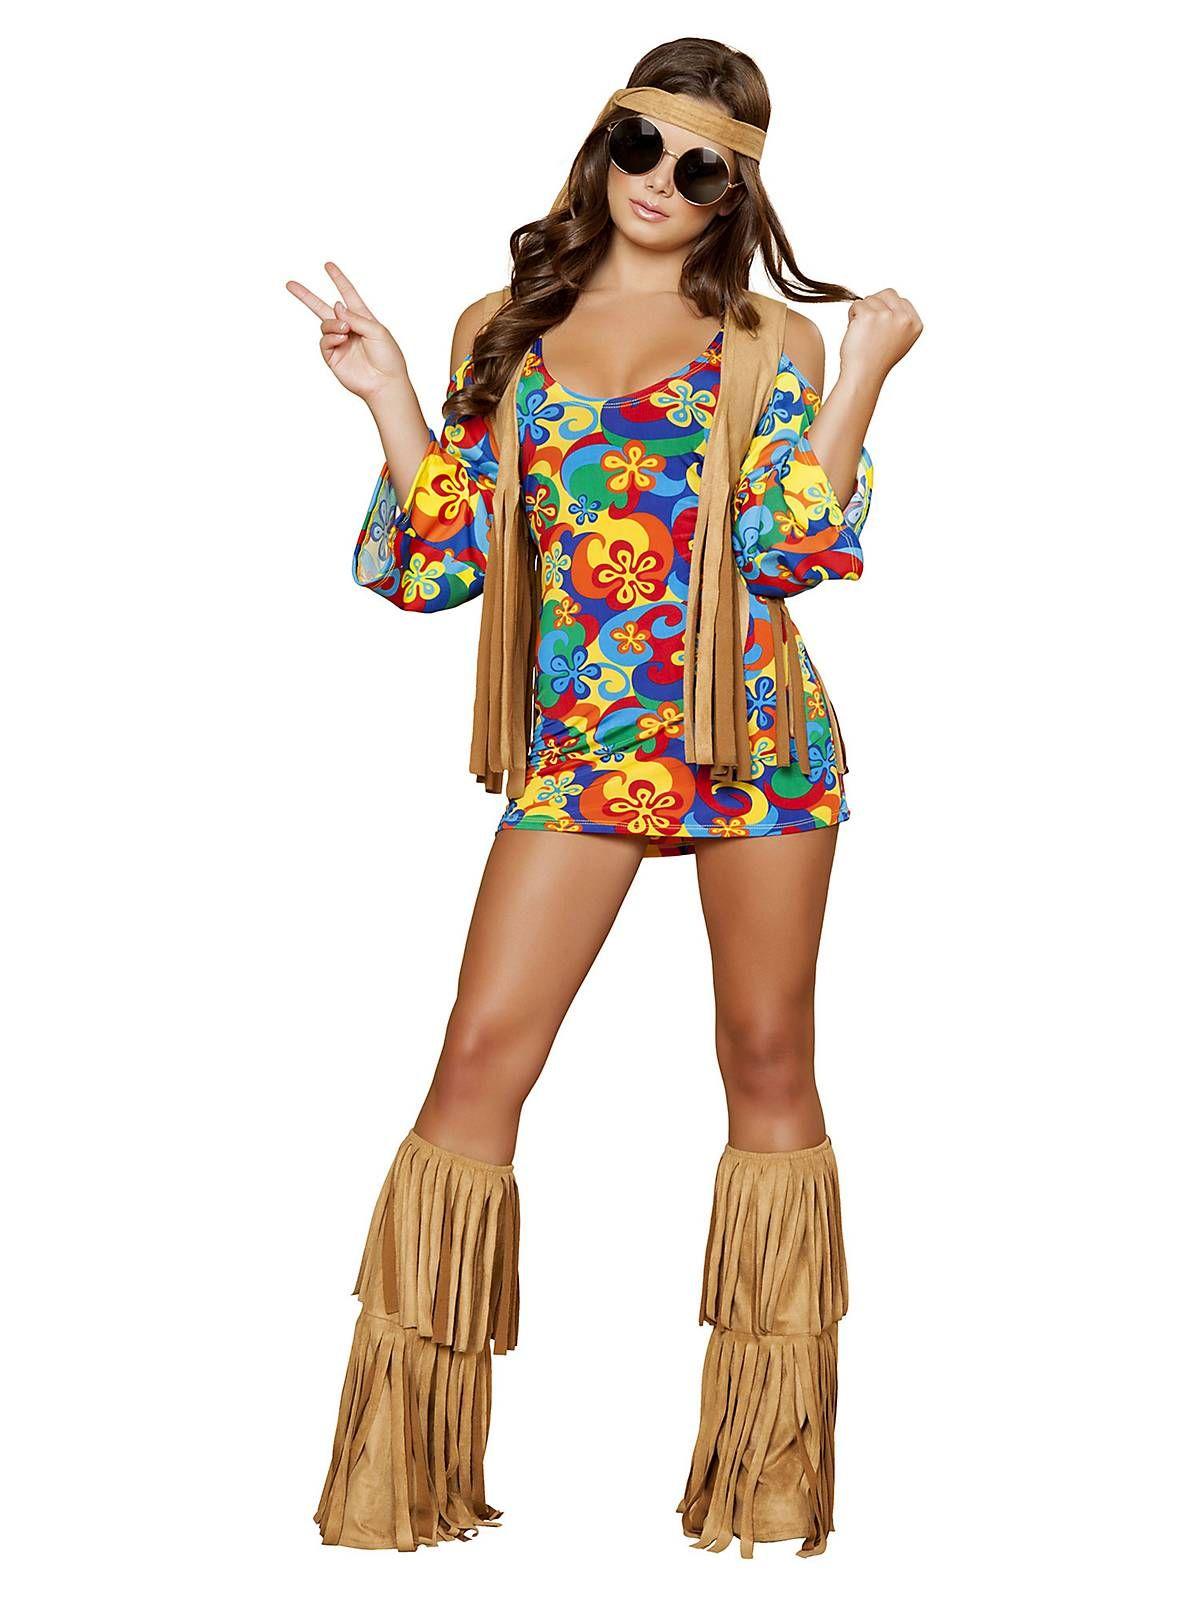 Pin On Hippie Costume Ideas